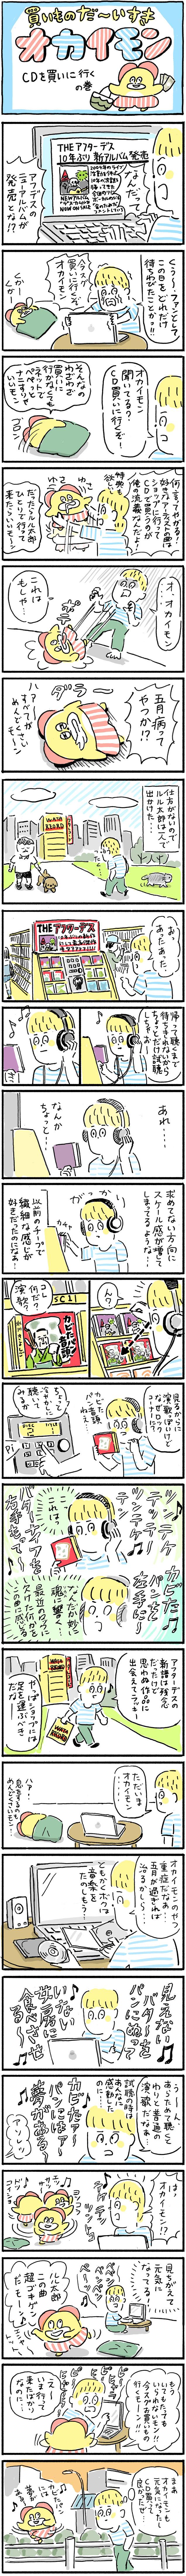 オカイモン「CDを買いに行くの巻」